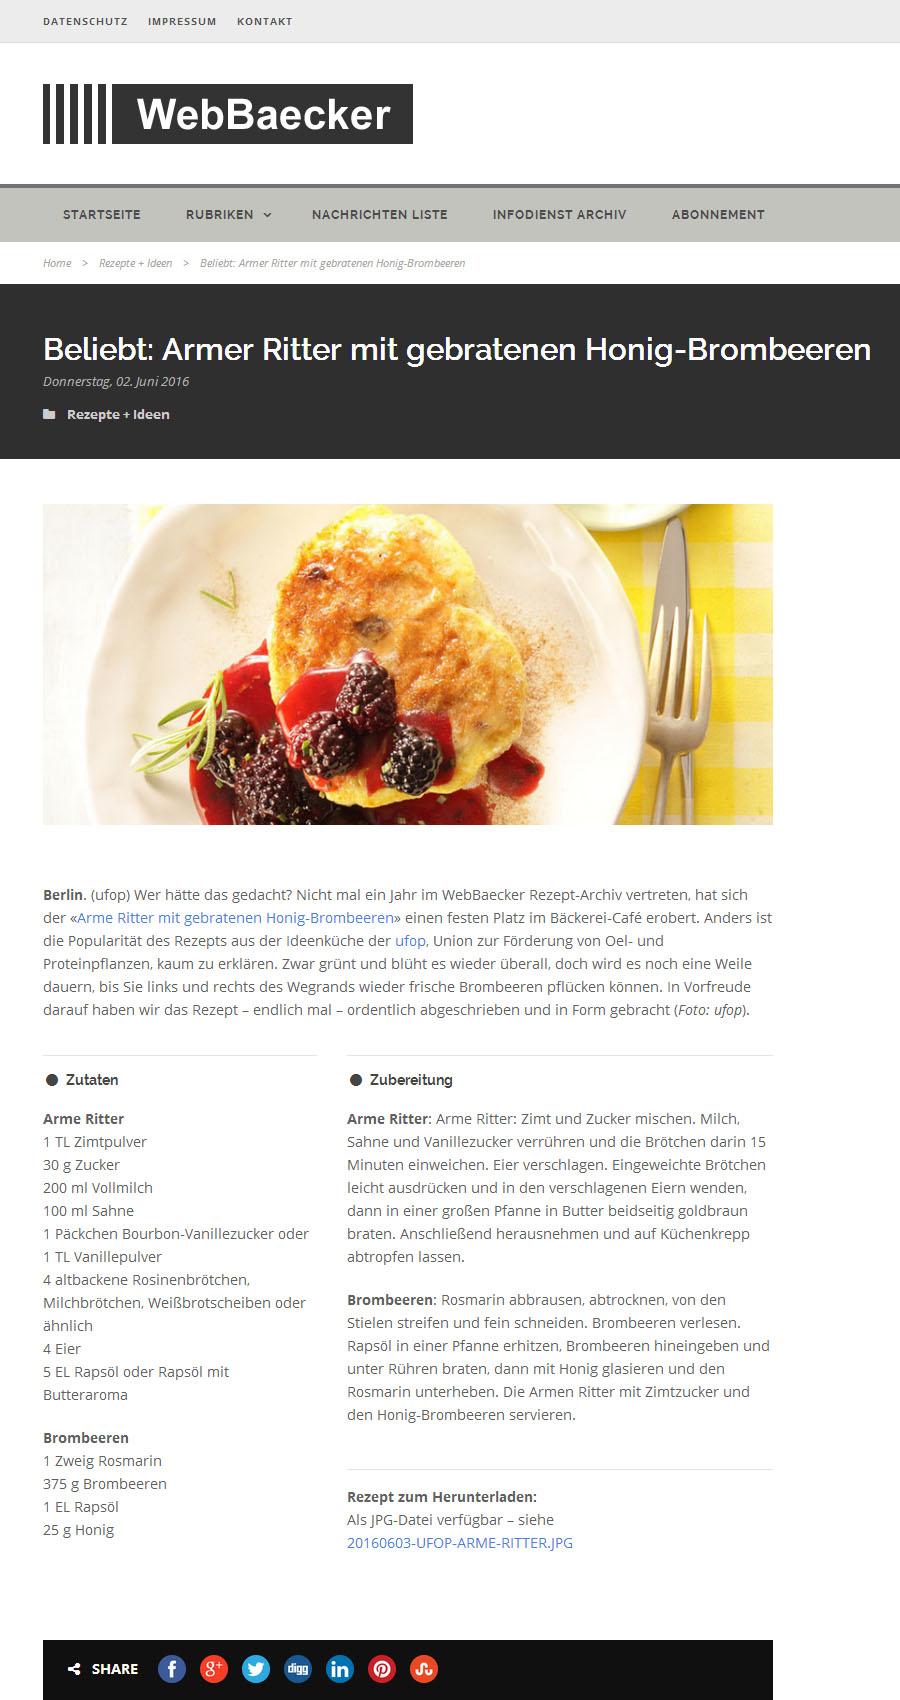 Brombeeren Viele Vitamine Wenig Kalorien Webbaeckernet